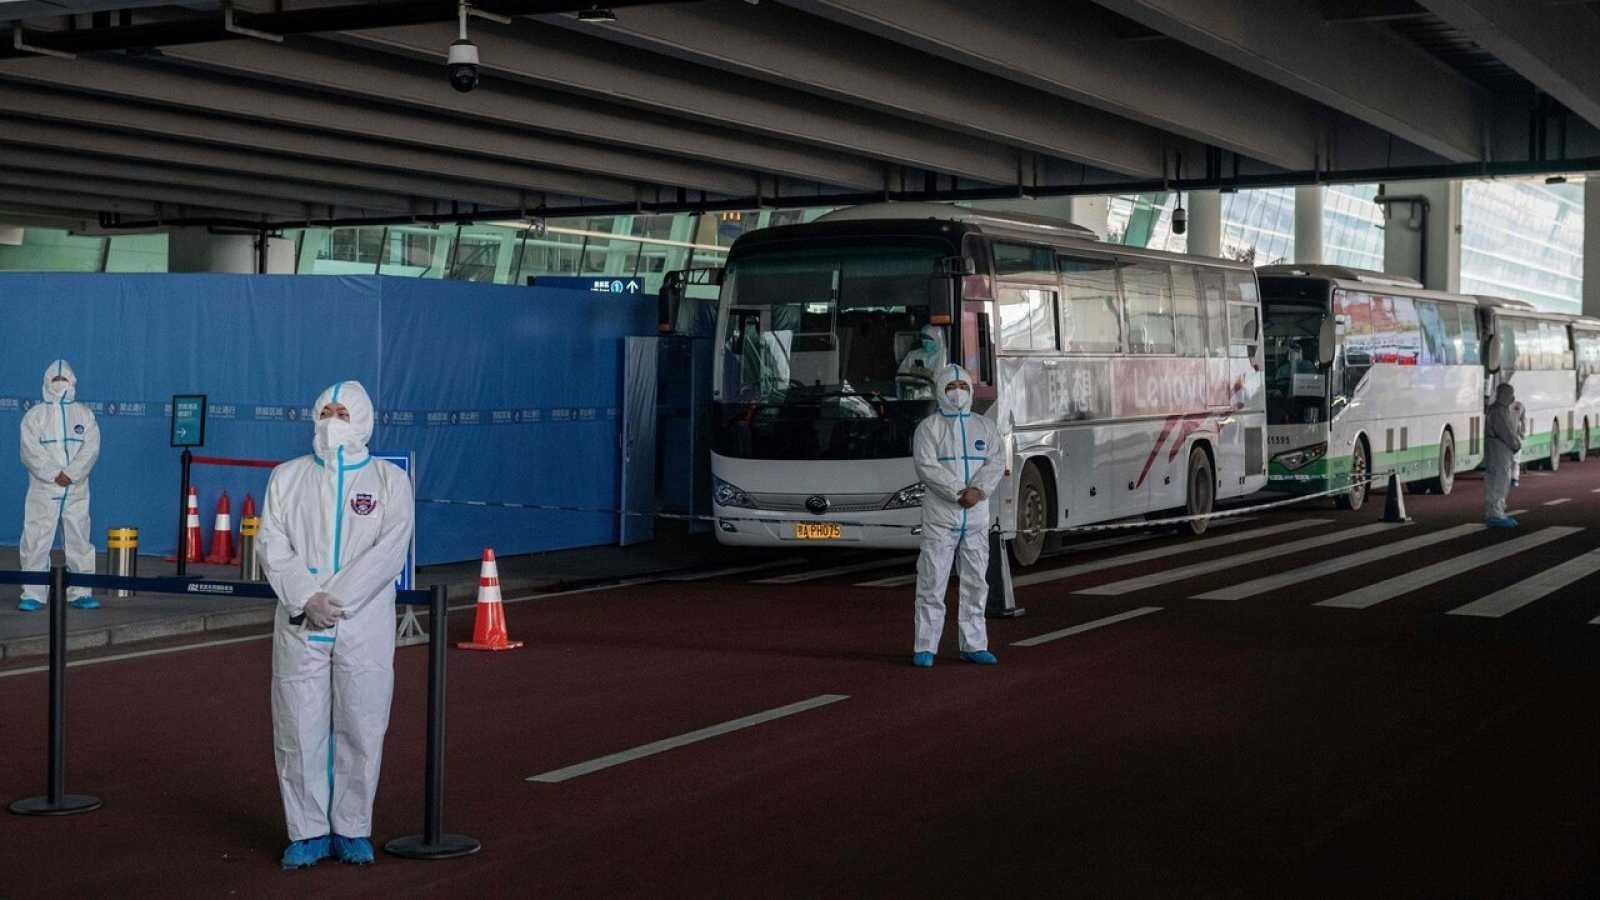 La OMS llega a China para investigar el origen del coronavirus